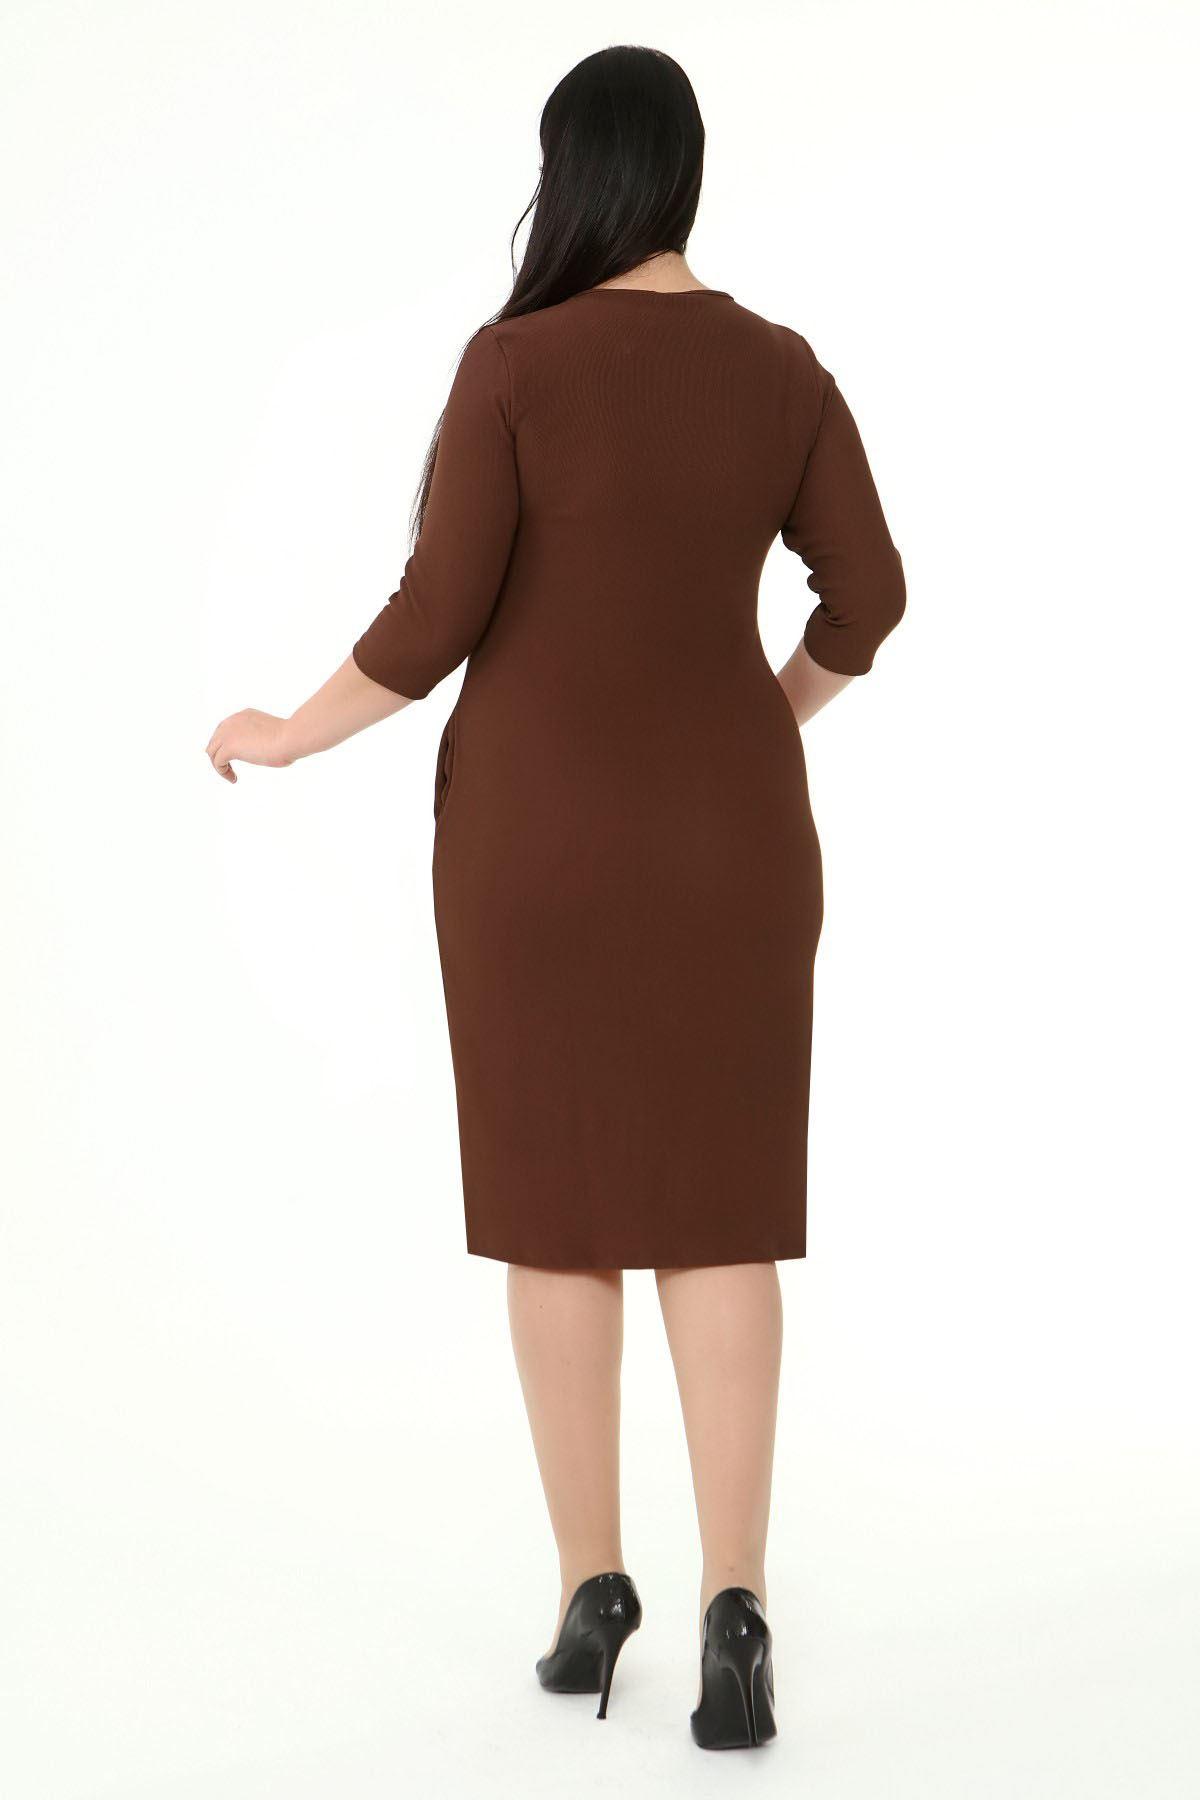 Jakarlı Cepli Kışlık Büyük Beden Elbise 2B-1872